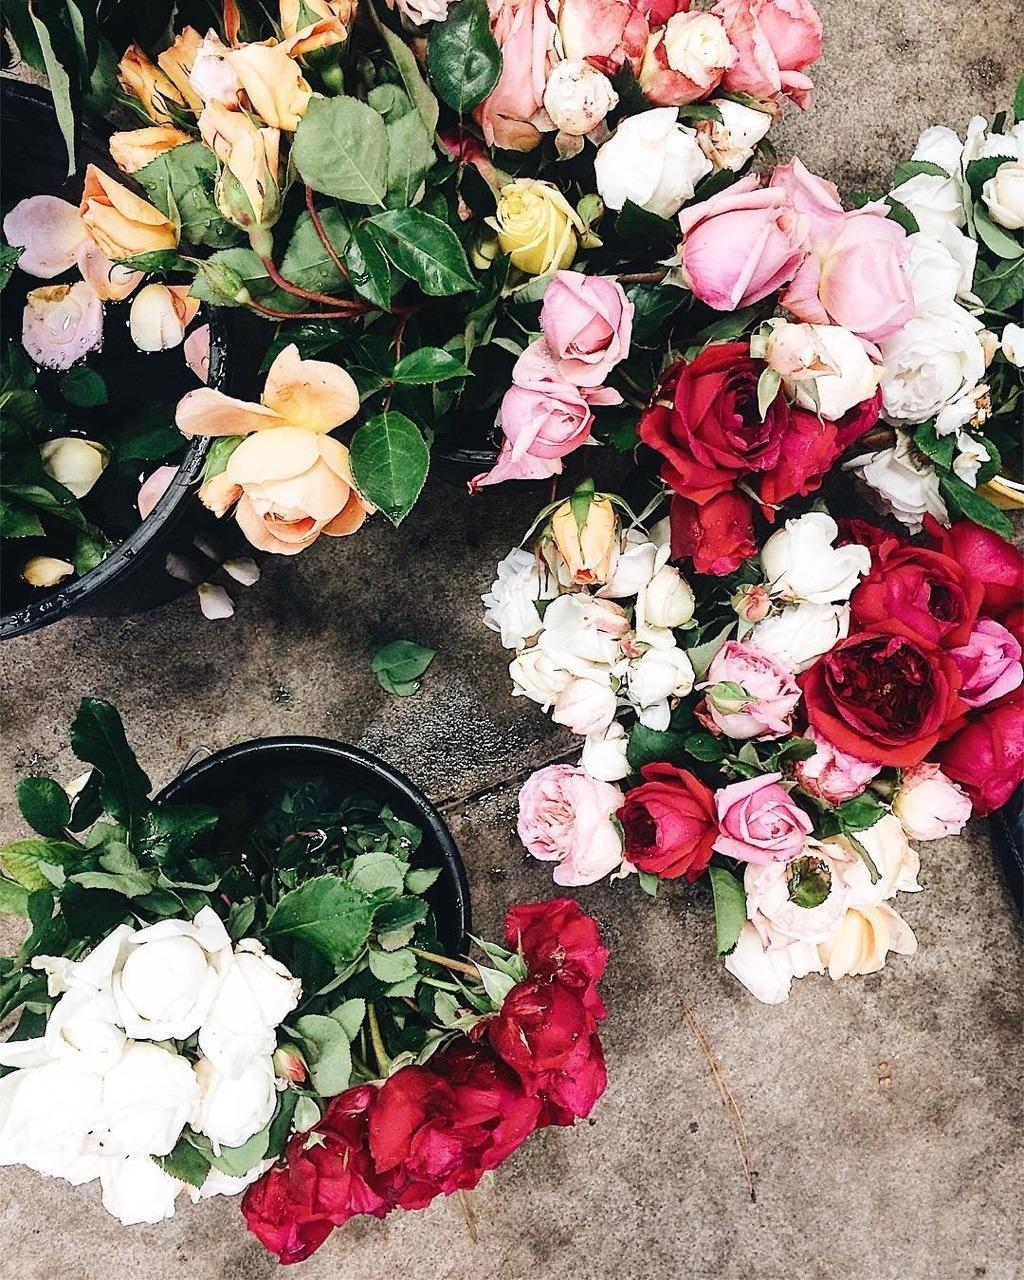 один картинки разбросаны розы все индивидуально